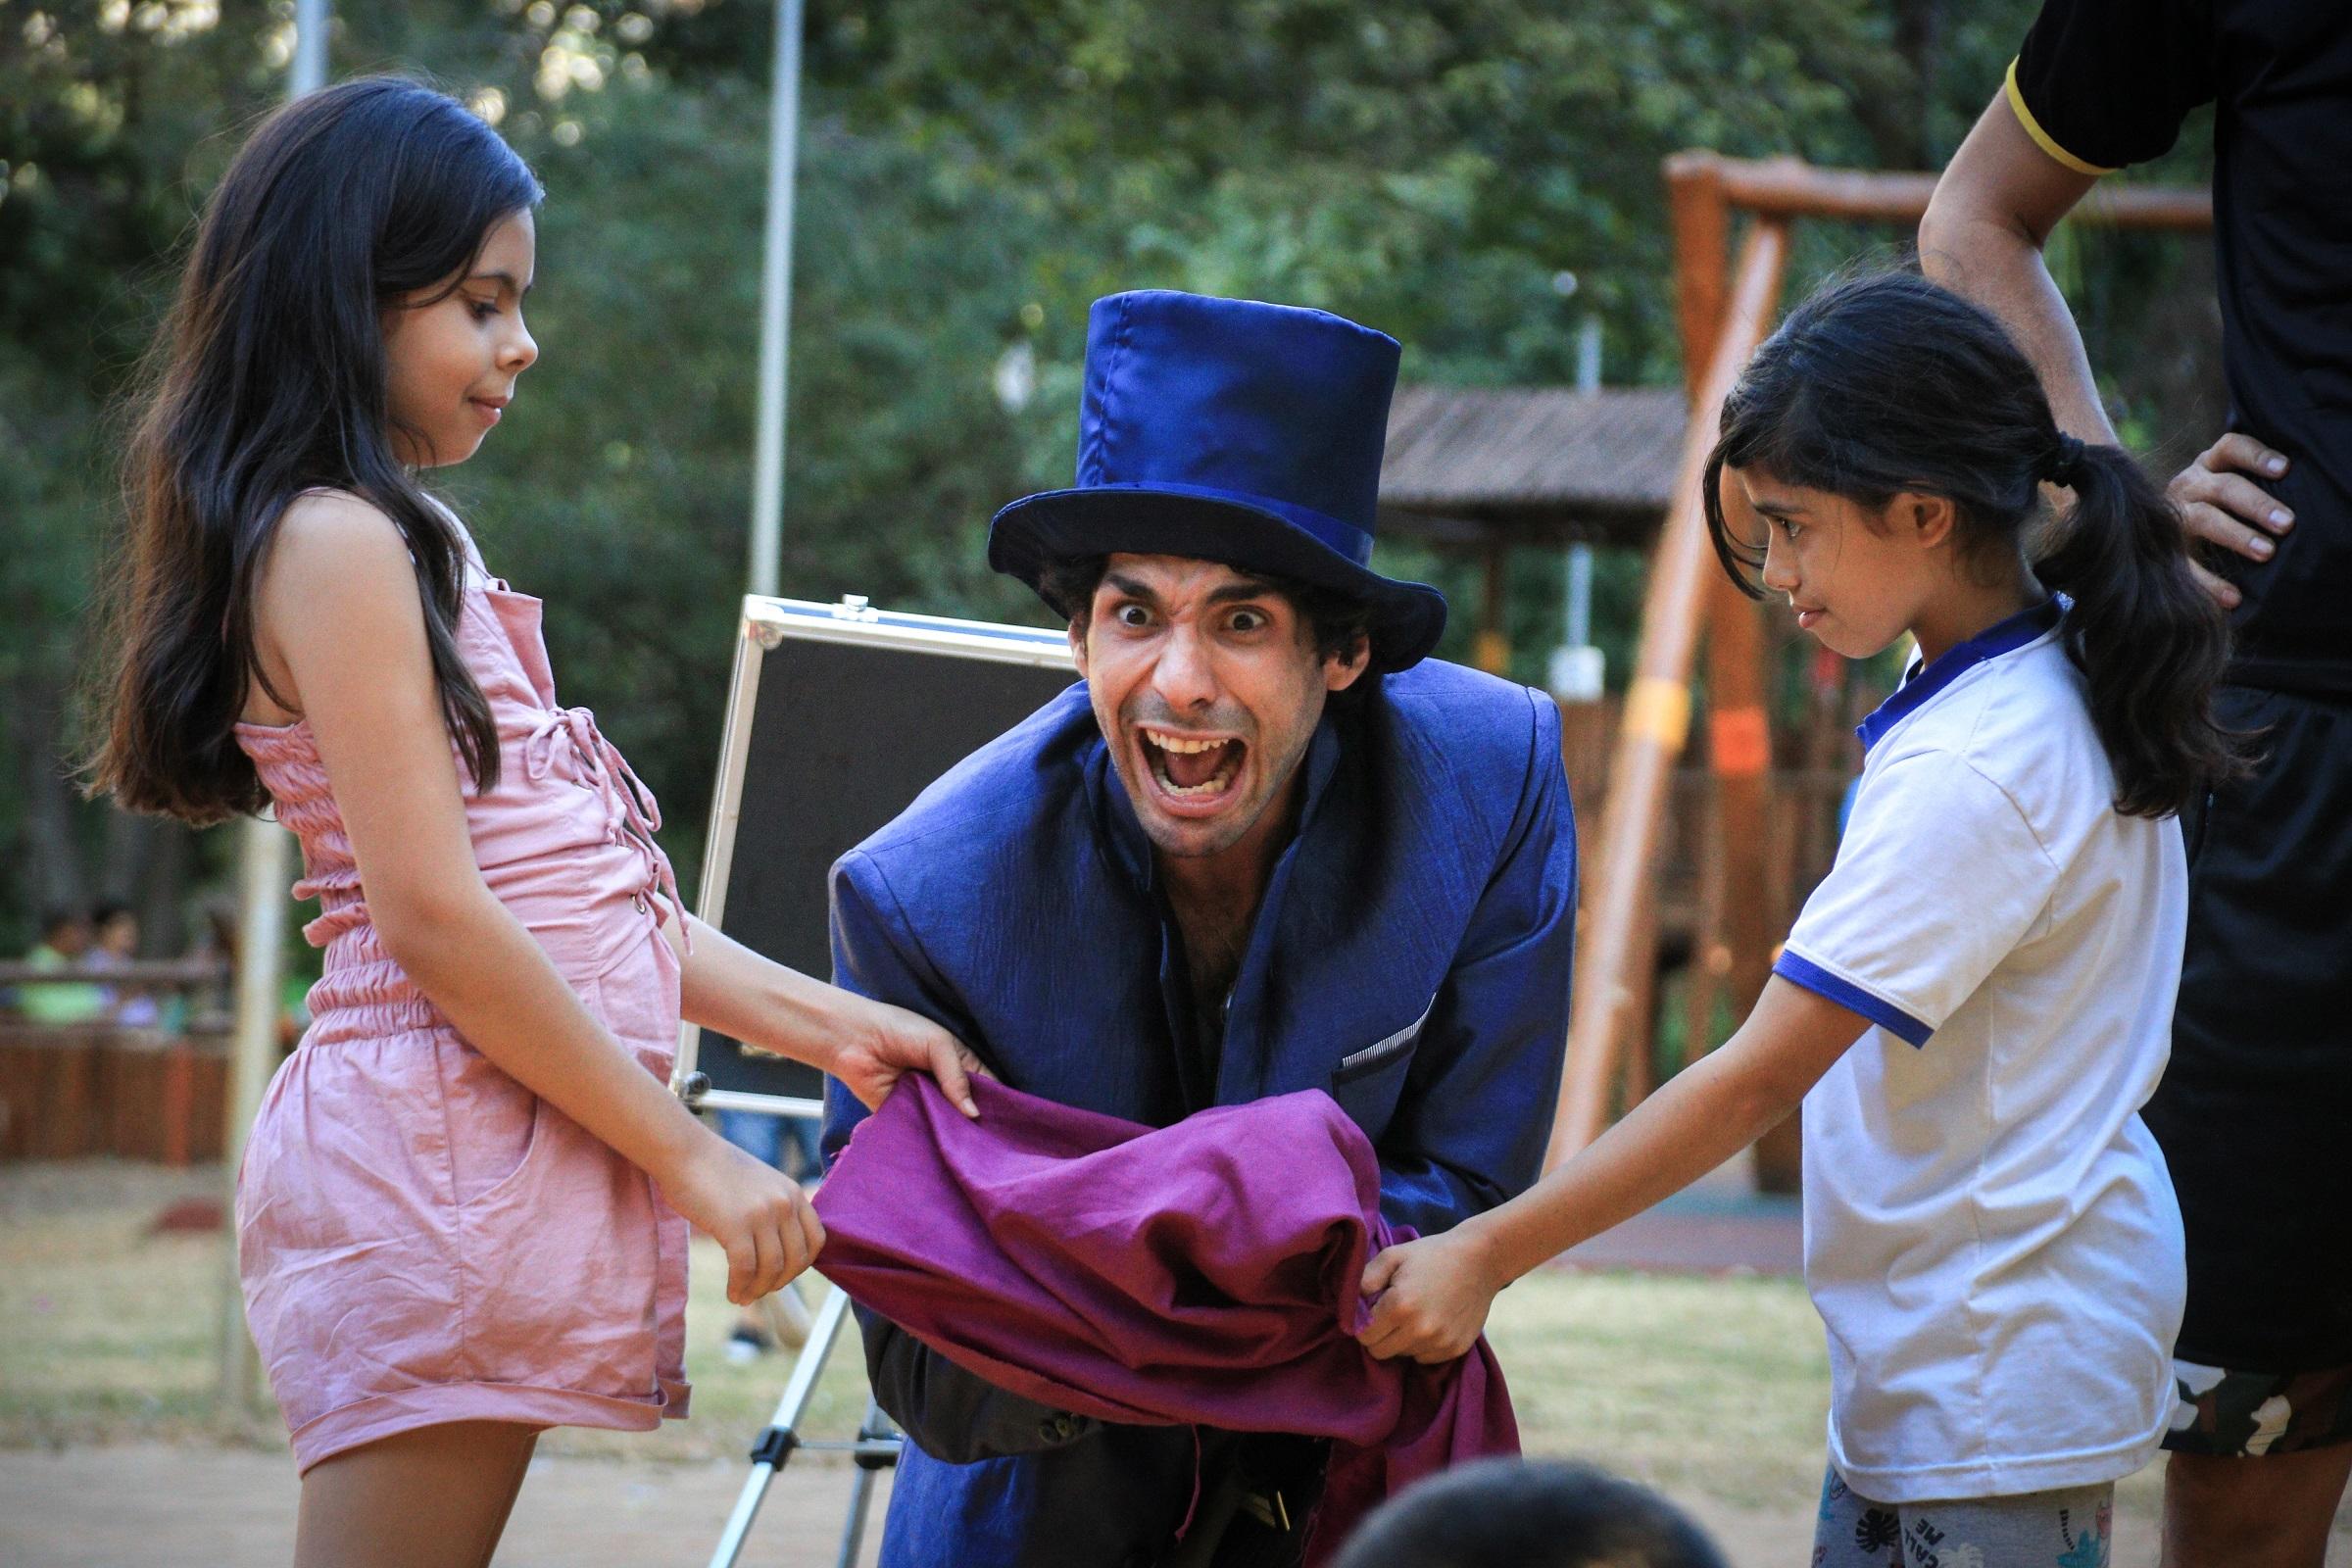 Feiras livres terão espetáculo gratuito de circo e mágica